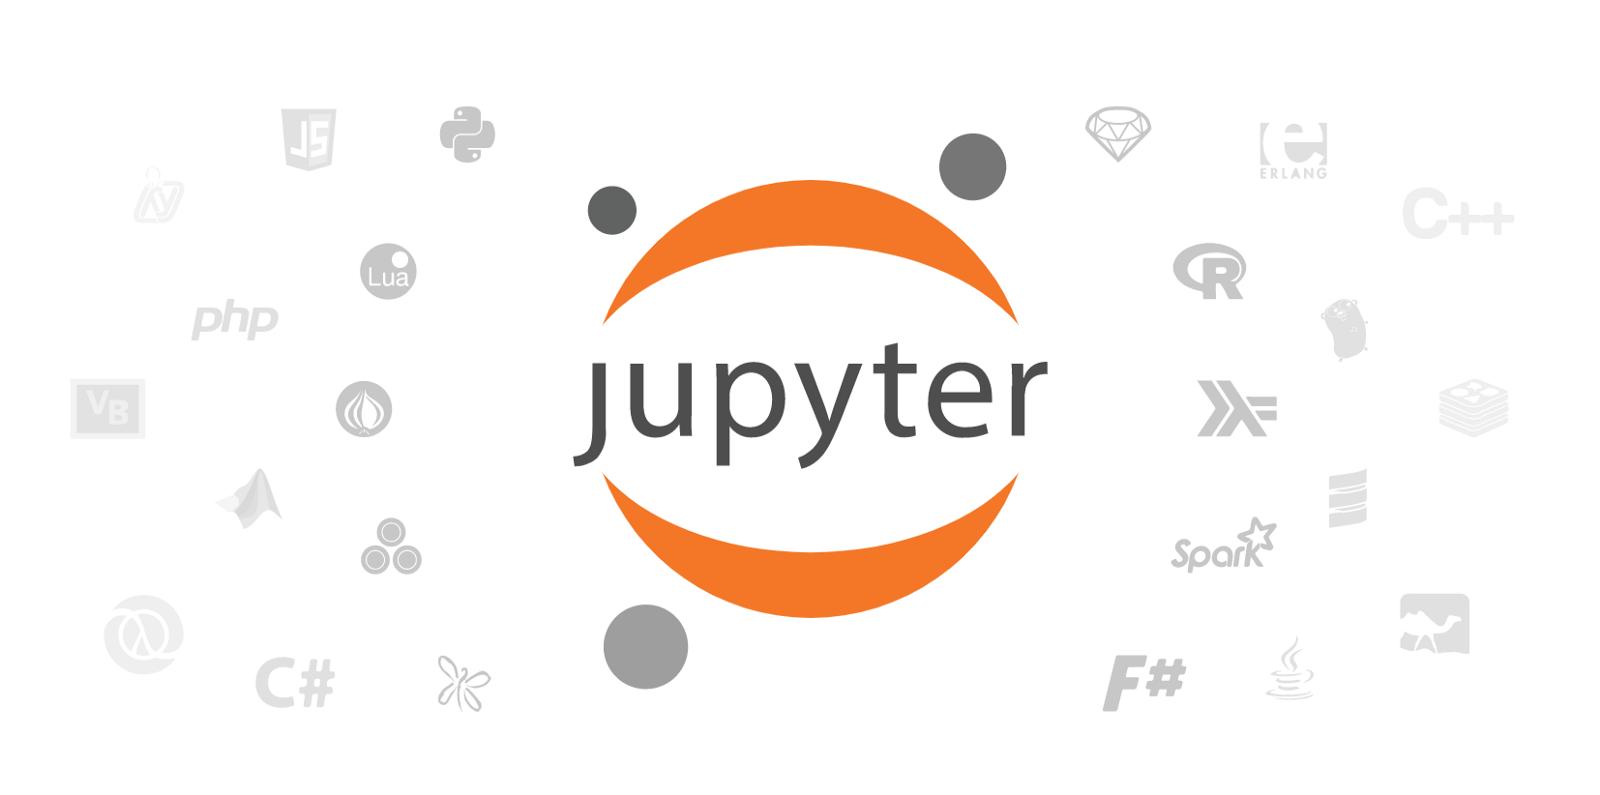 jupyter中添加kernel